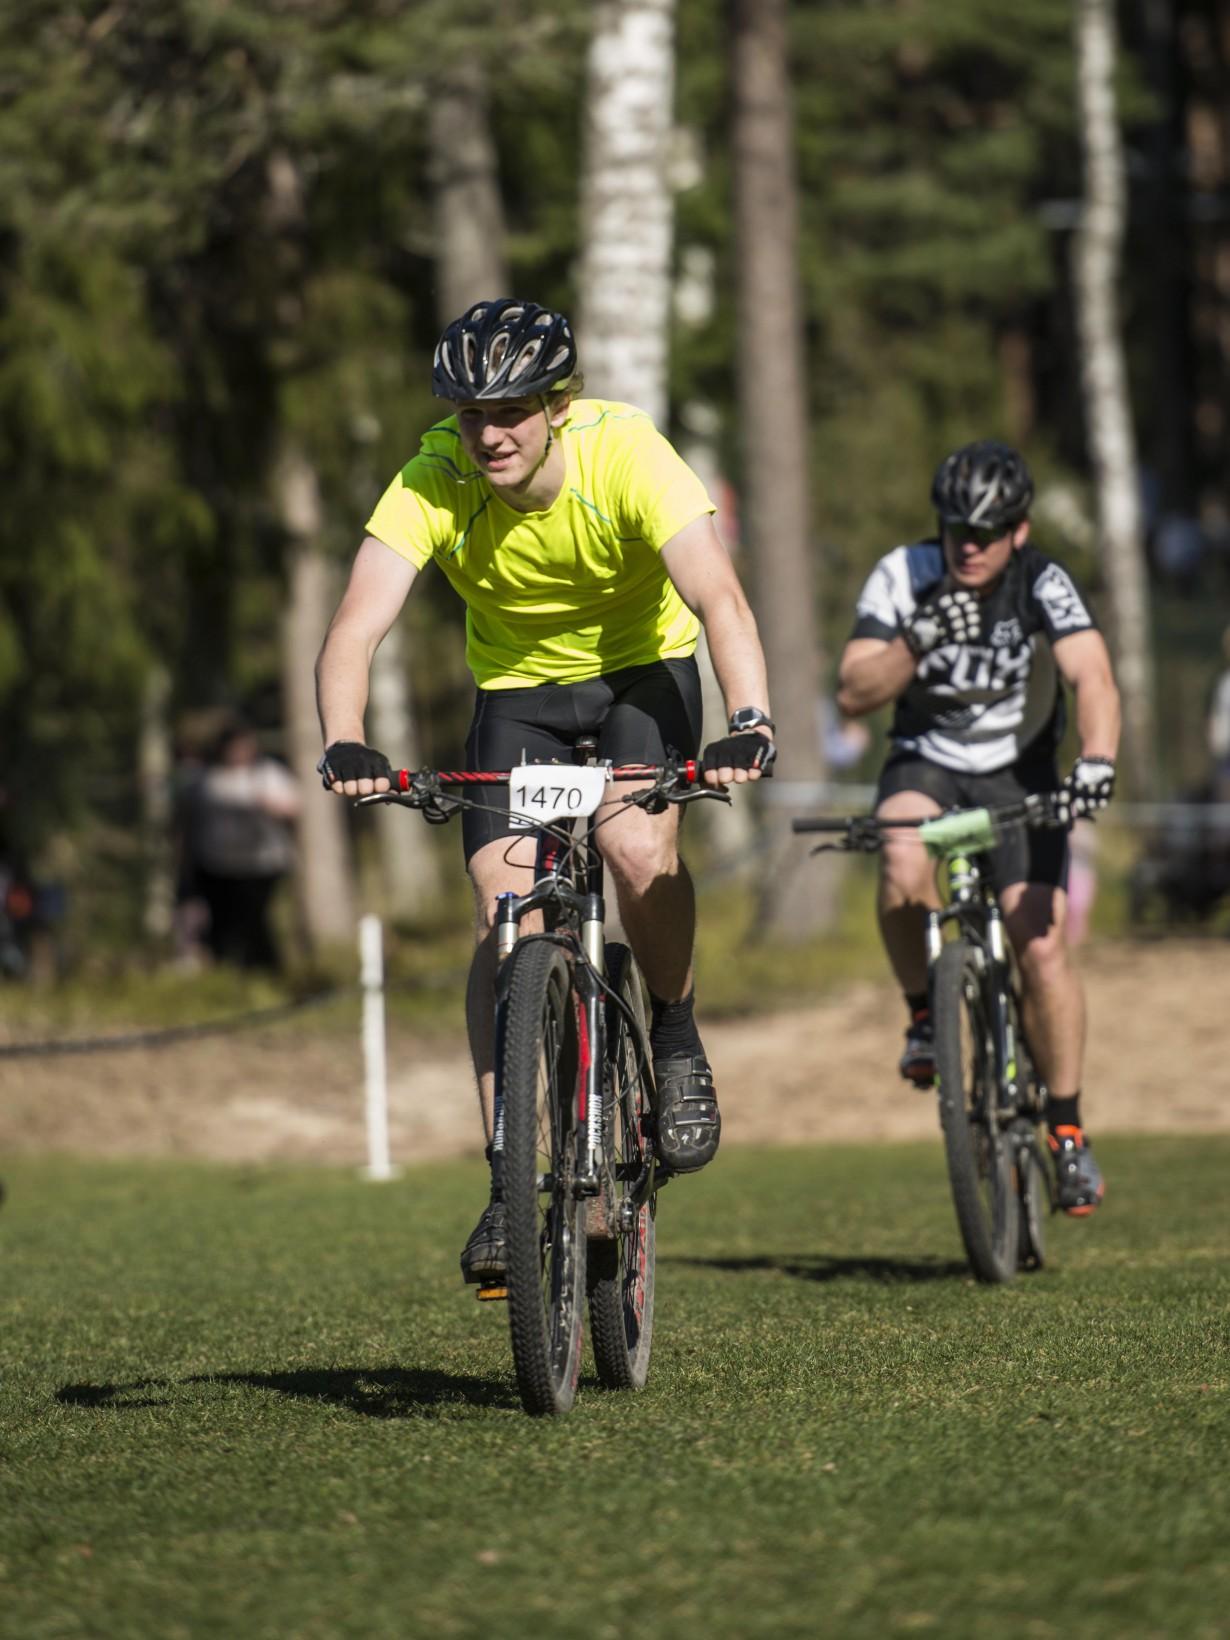 Jesper_Andersson_JAN_8725_www.jeppman.com